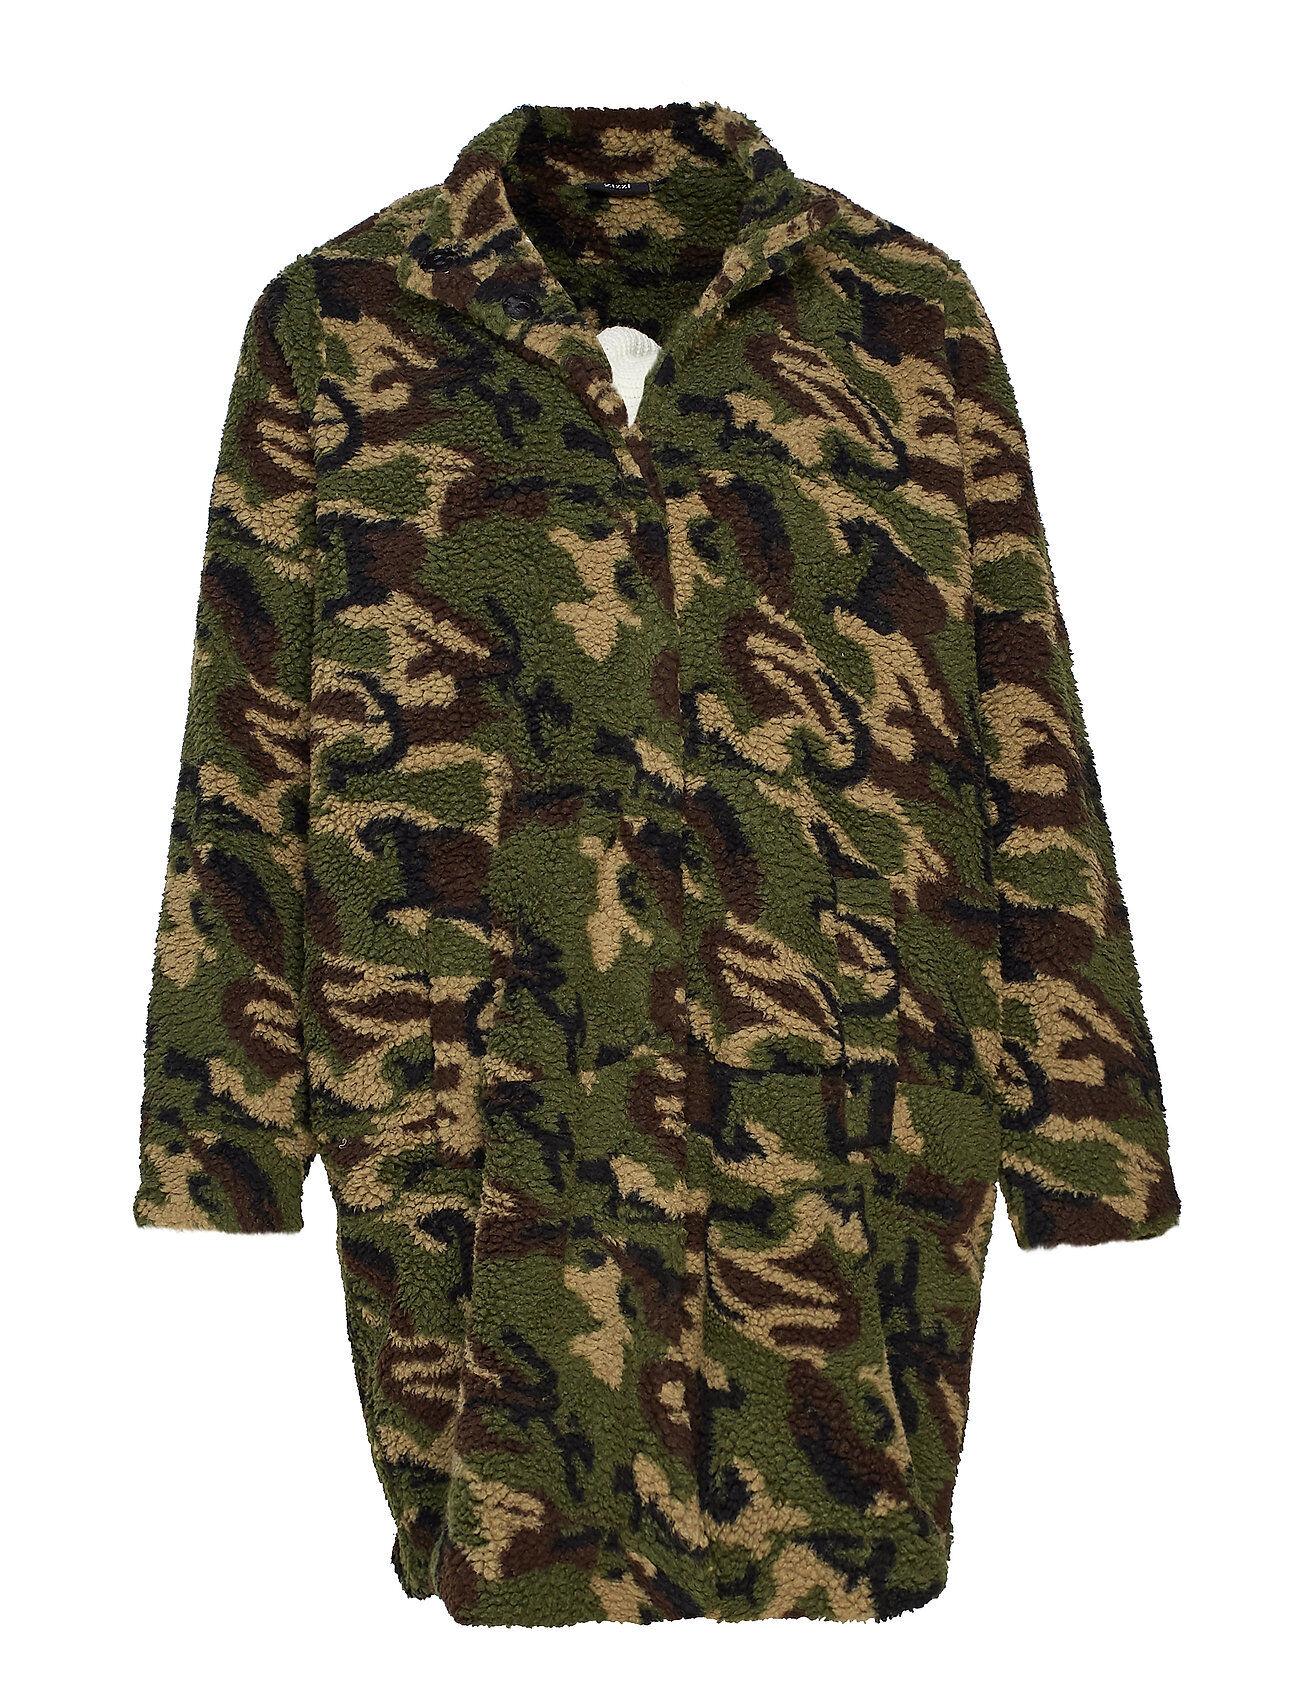 Zizzi Mmuffy, L/S, Jacket